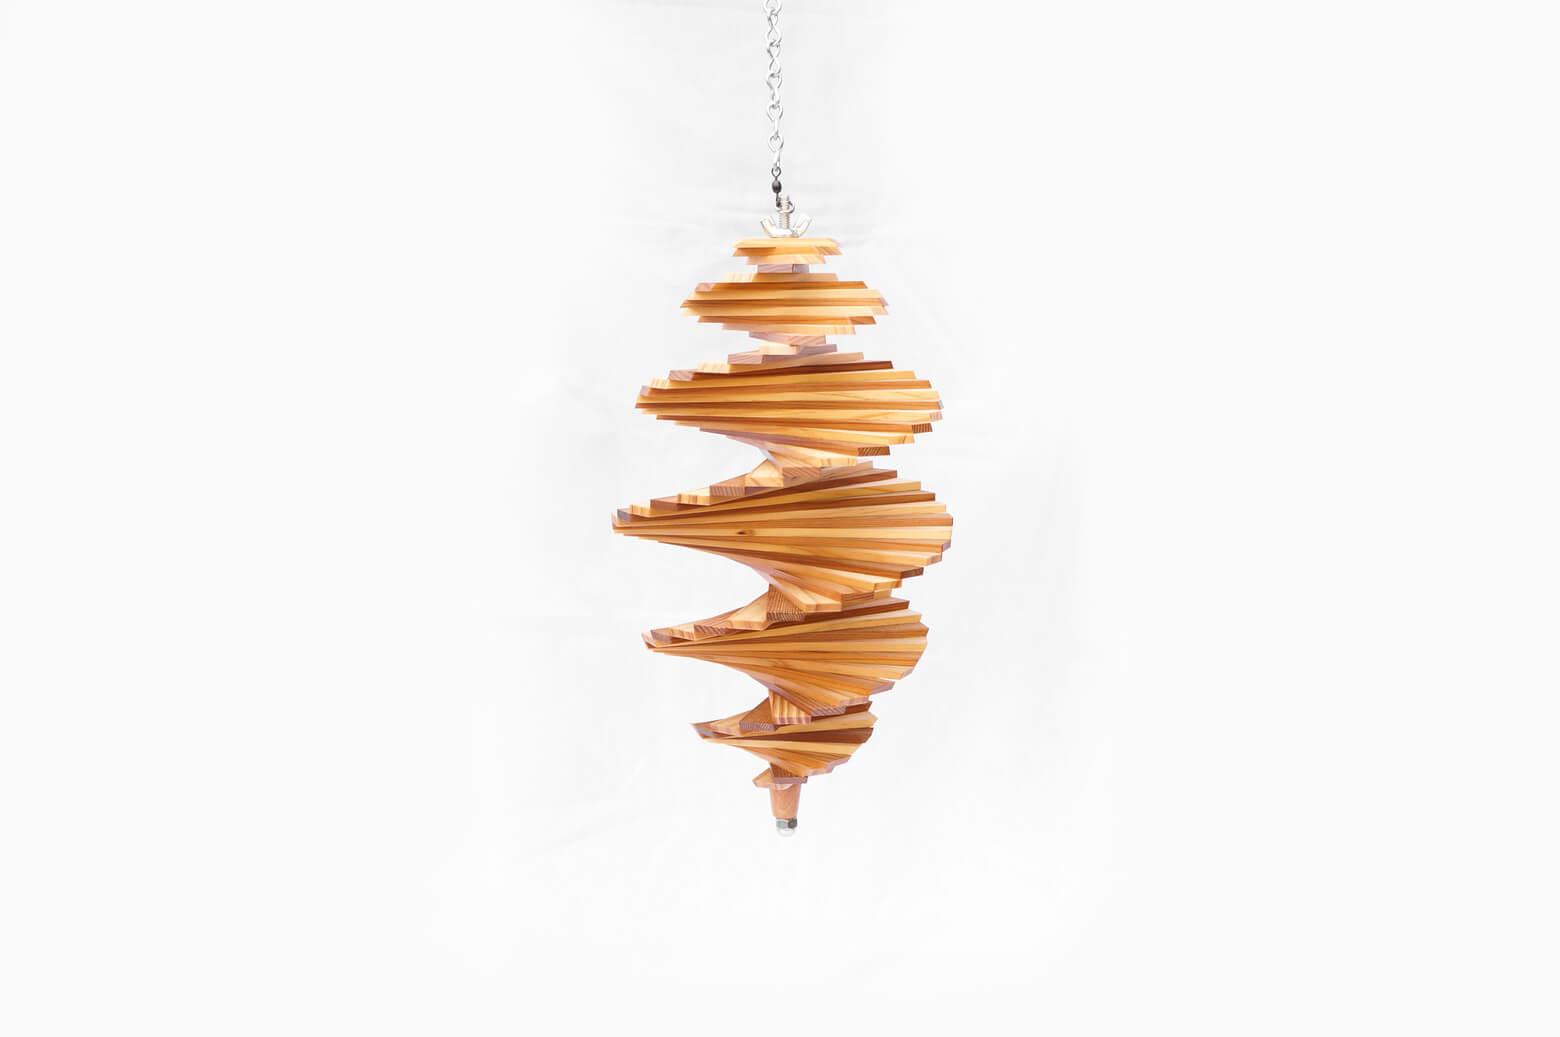 Wood Wind Spinner/ウッド ウィンド スピナー 木製モビール インテリア ミディアムサイズ